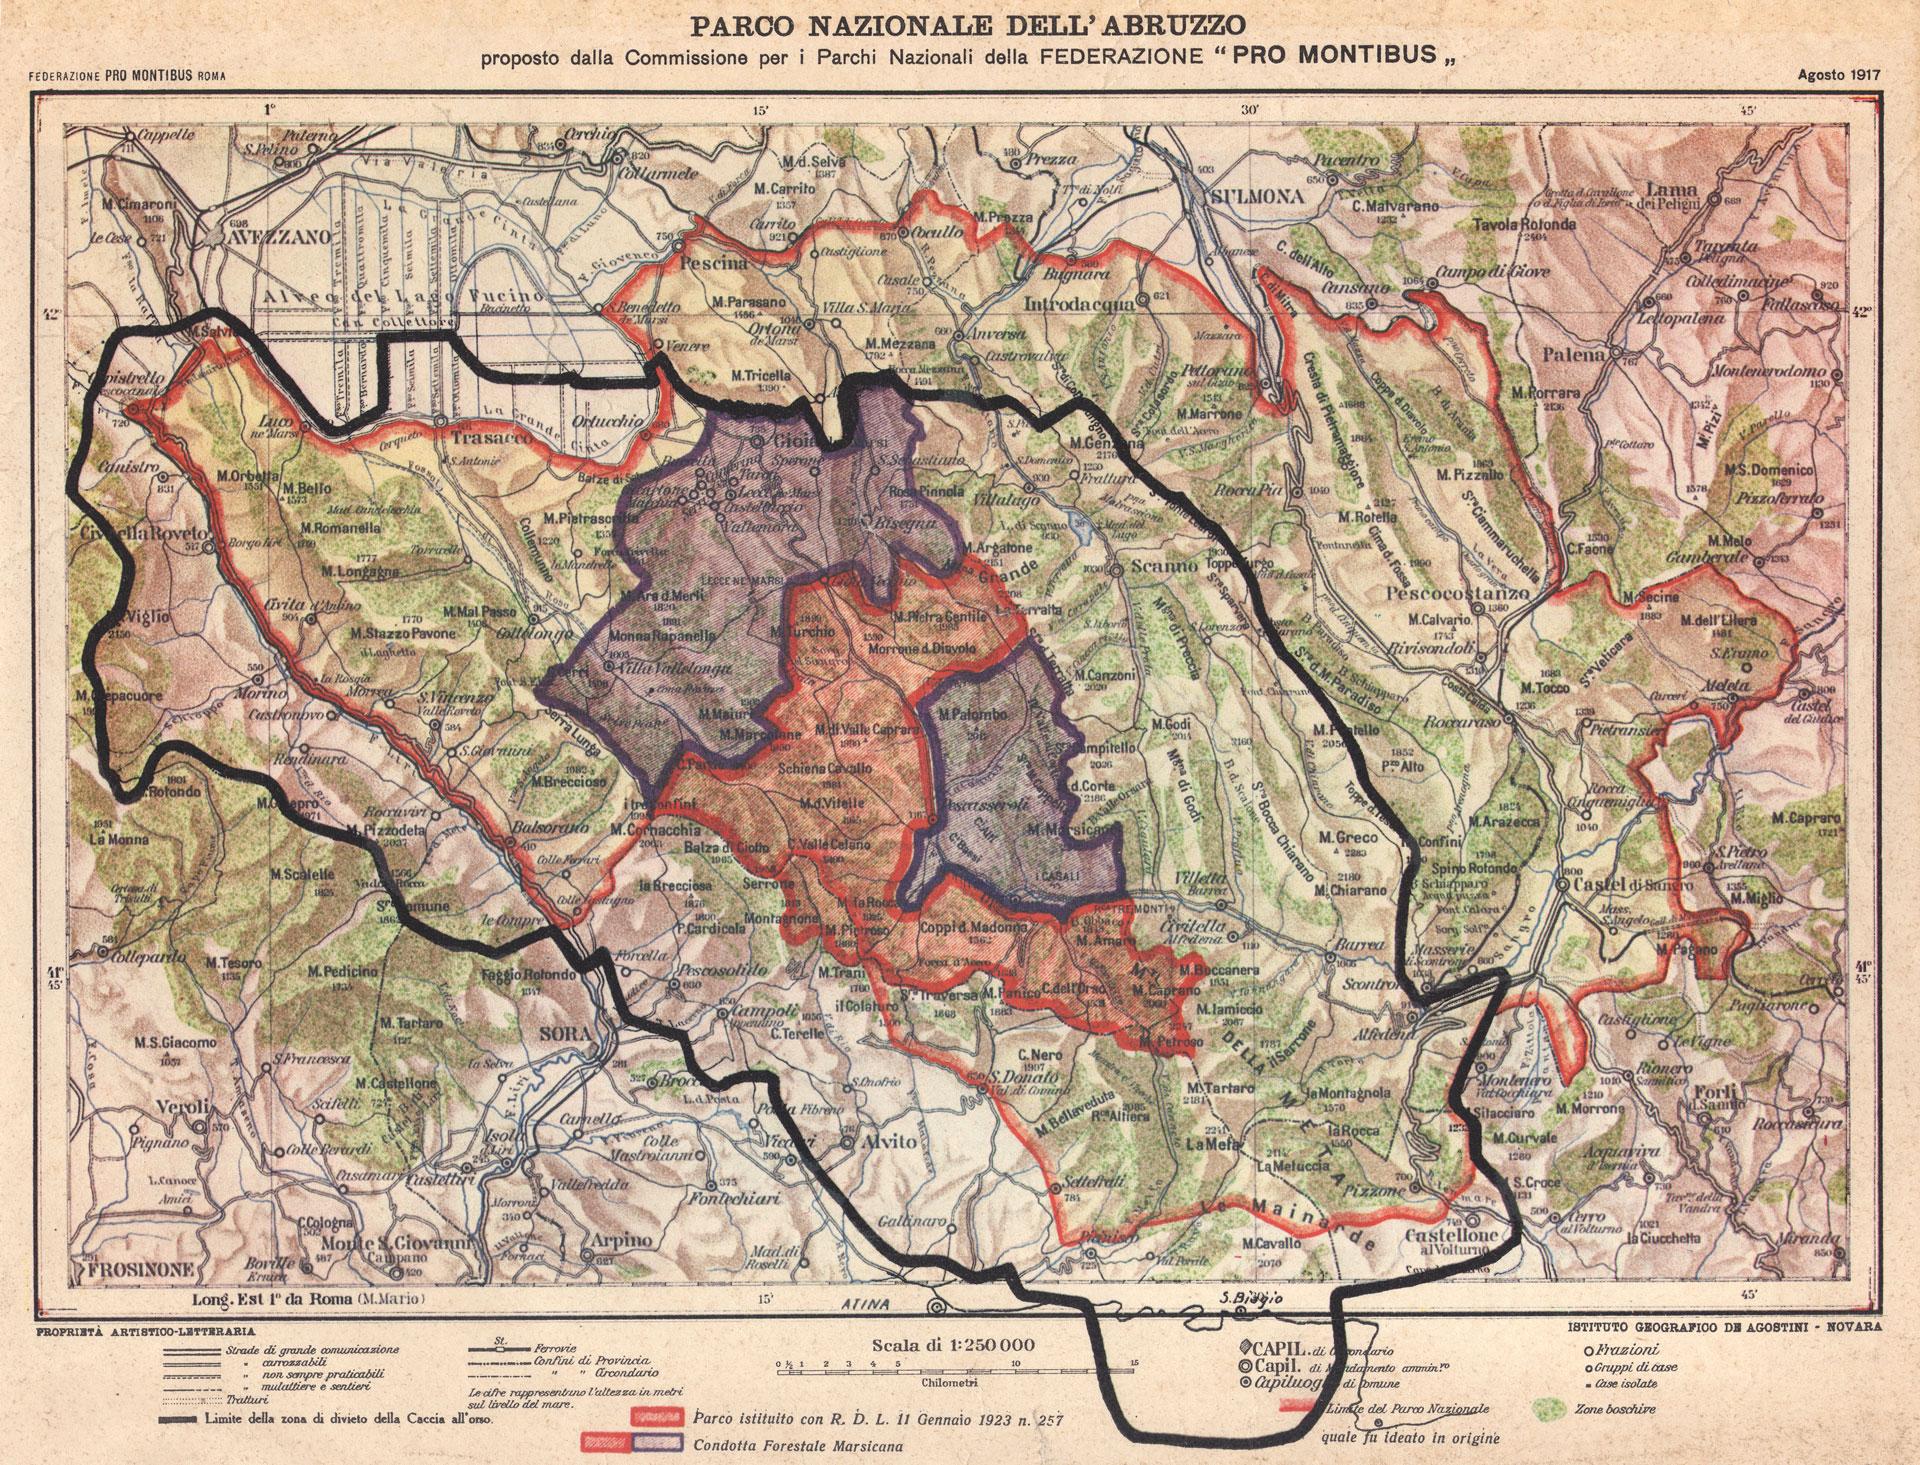 Prima proposta di Parco Nazionale - 1917